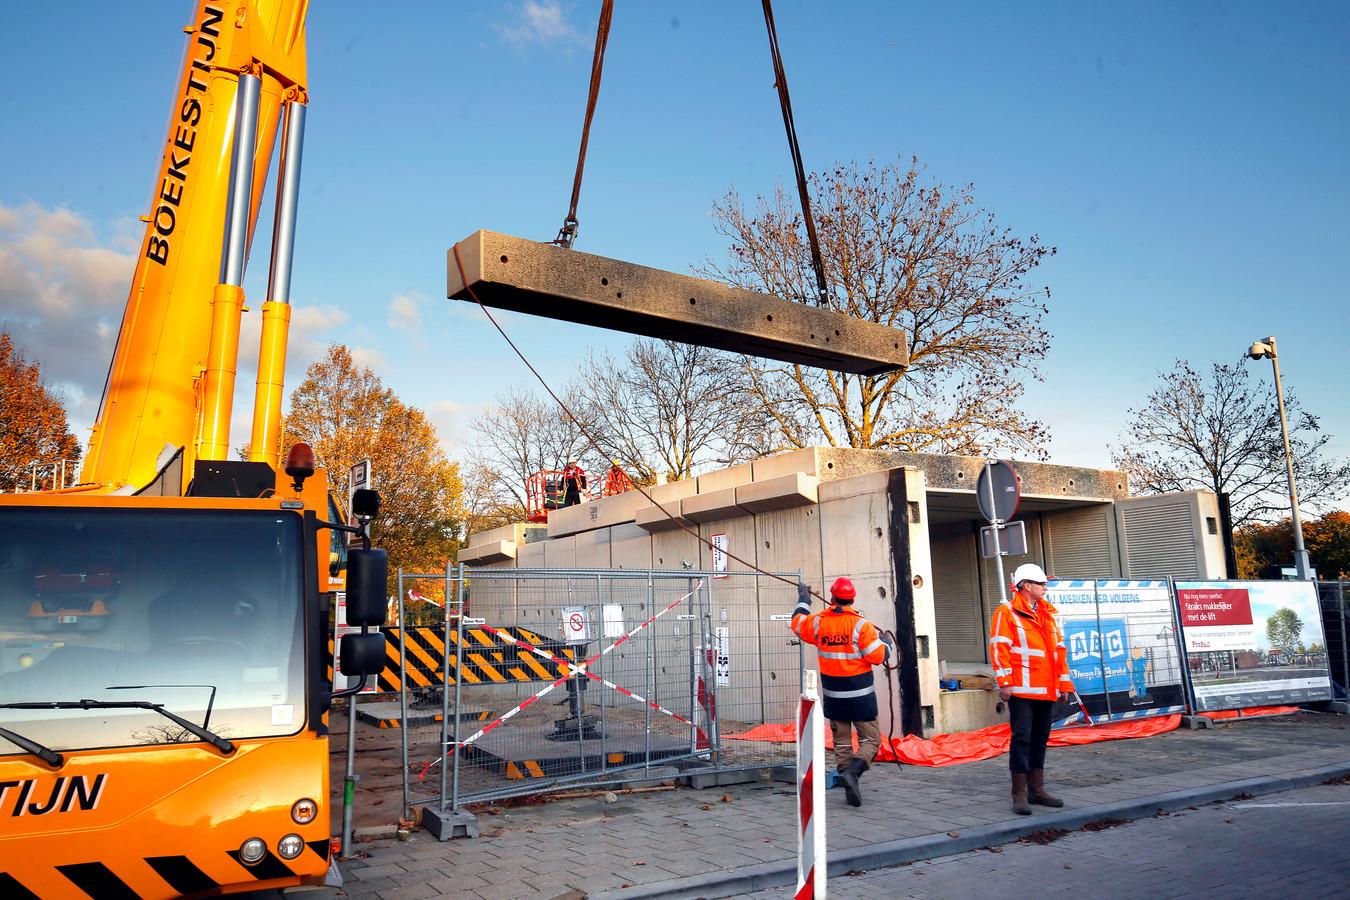 Eind oktober vorig jaar zette Ballast Nedam de reizigerstunnel bij station Gorinchem bovengrond in elkaar.